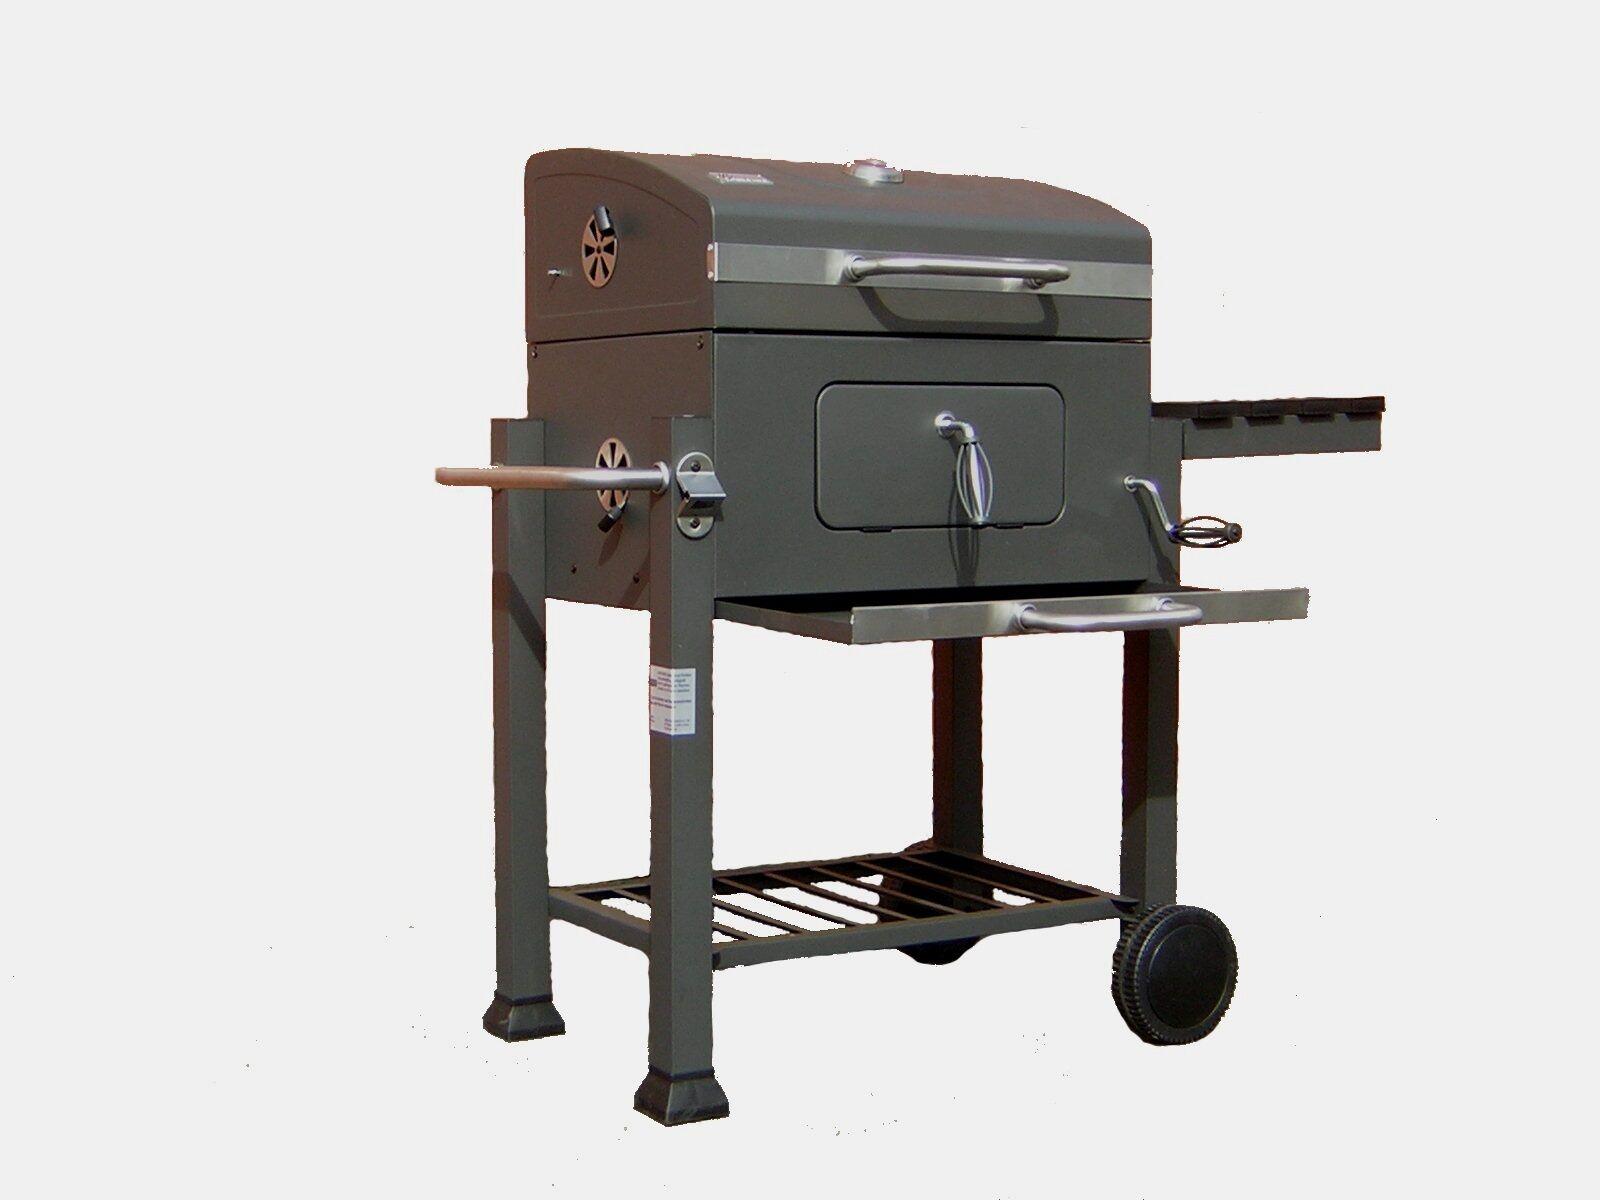 Beste Holzkohlegrill Test : Grill ottawa test vergleich grill ottawa günstig kaufen